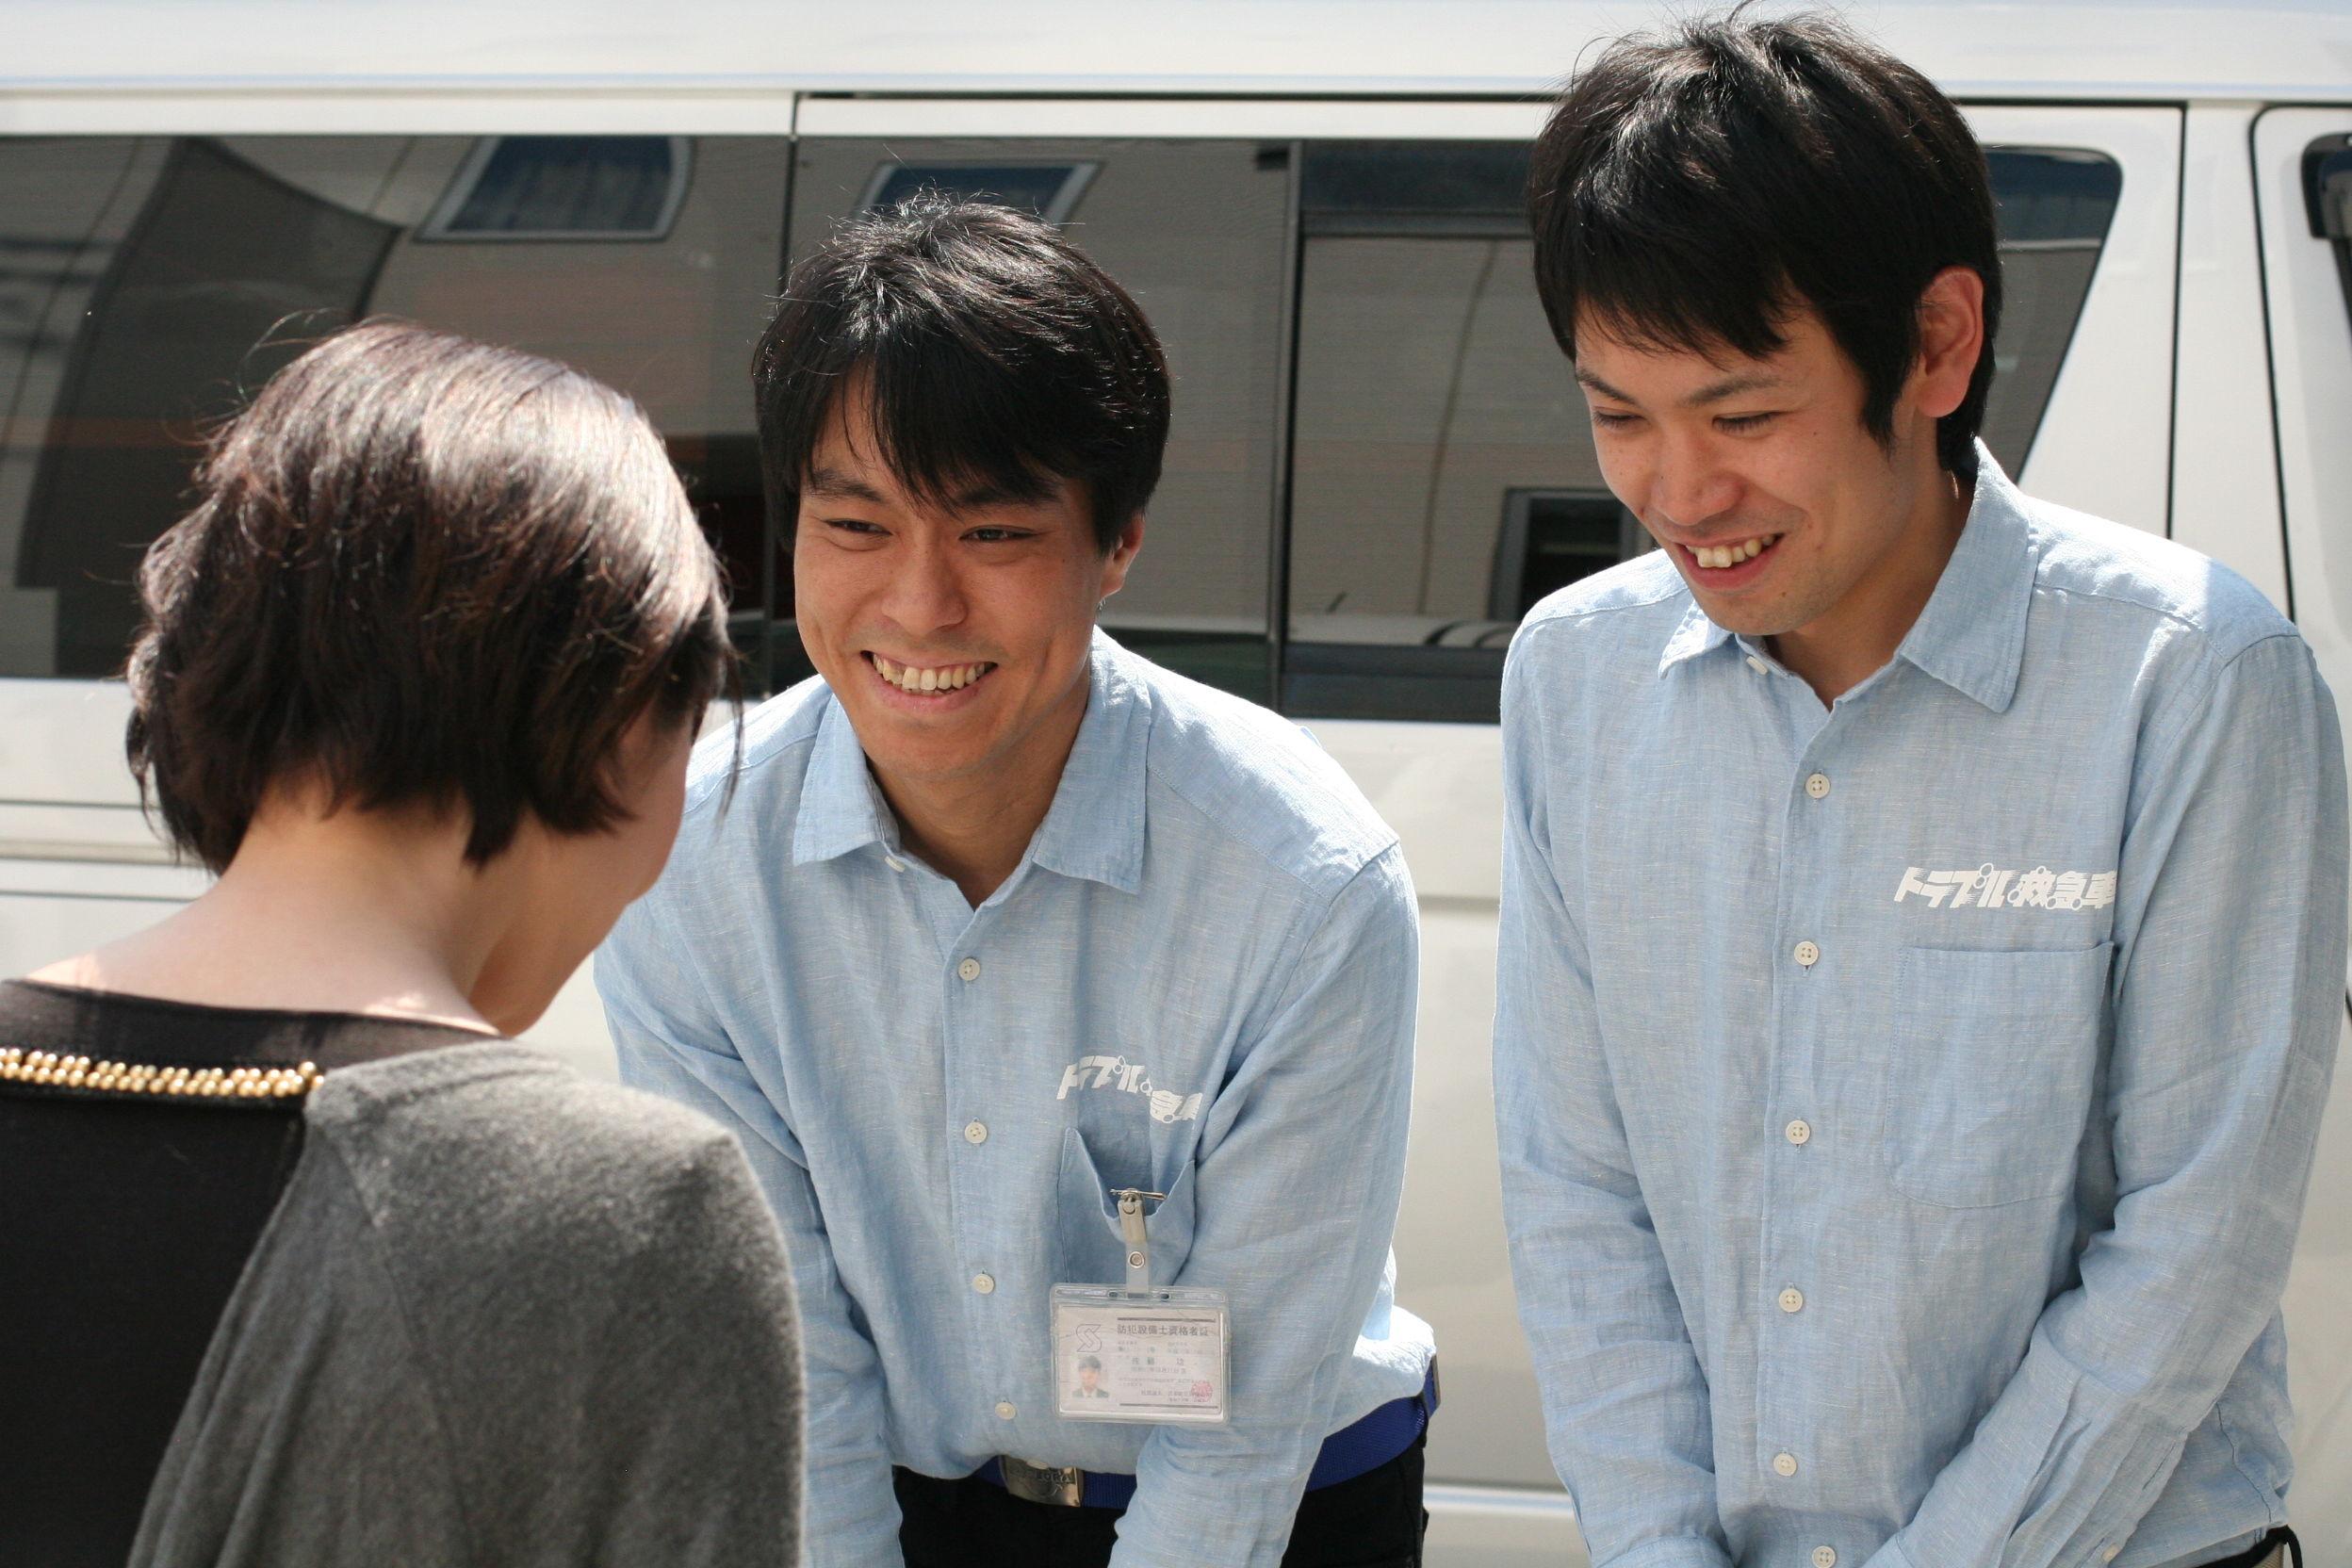 鍵のトラブル救急車【浜松市北区 出張エリア】のアピールポイント1